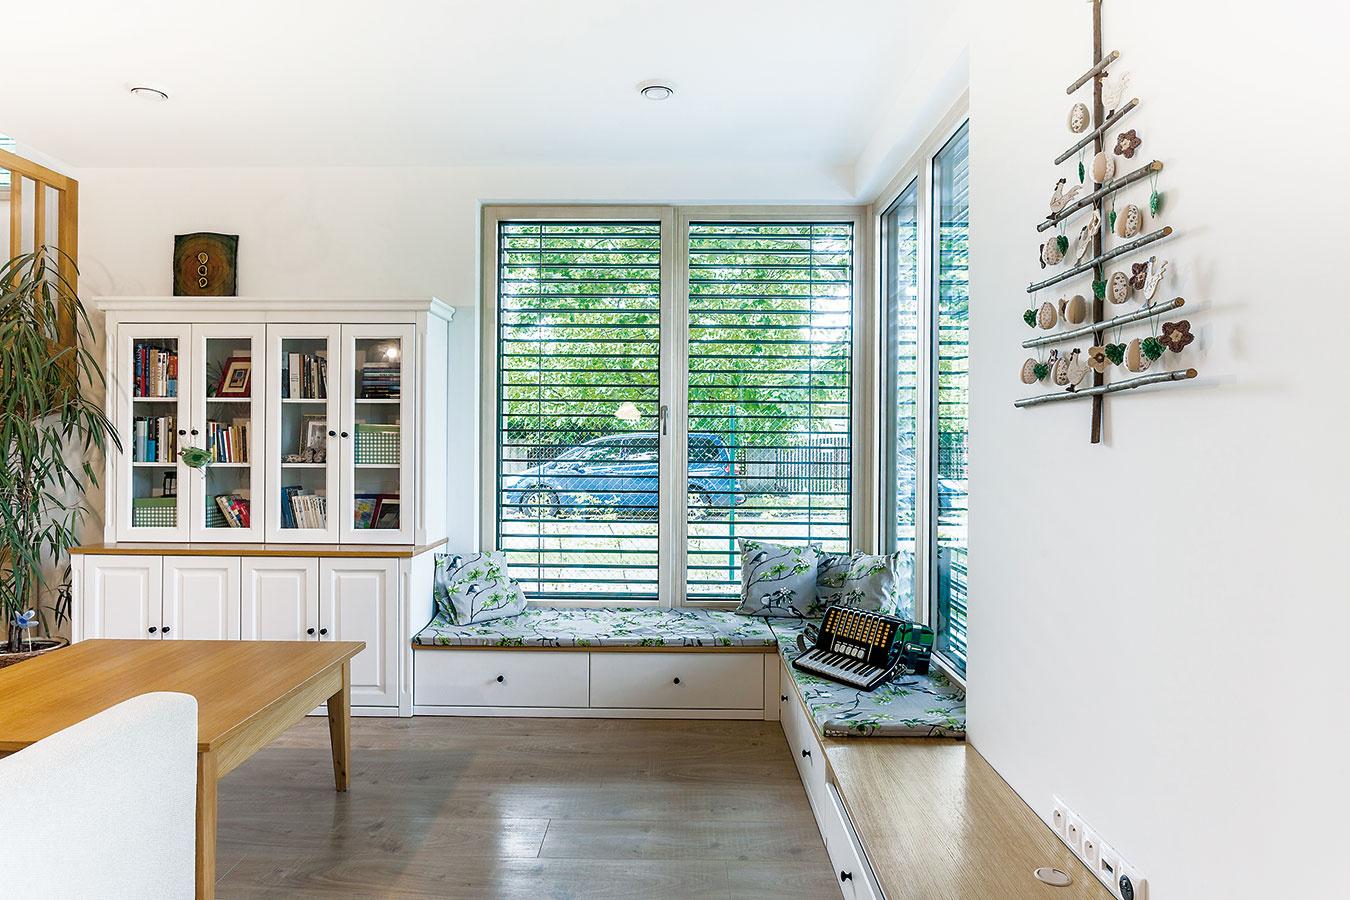 Vonkajšie žalúzie so širokými lamelami môžu byť vlete natočené vmiernom uhle tak, aby bol vdome dostatok svetla apritom sa interiér neprehrieval.